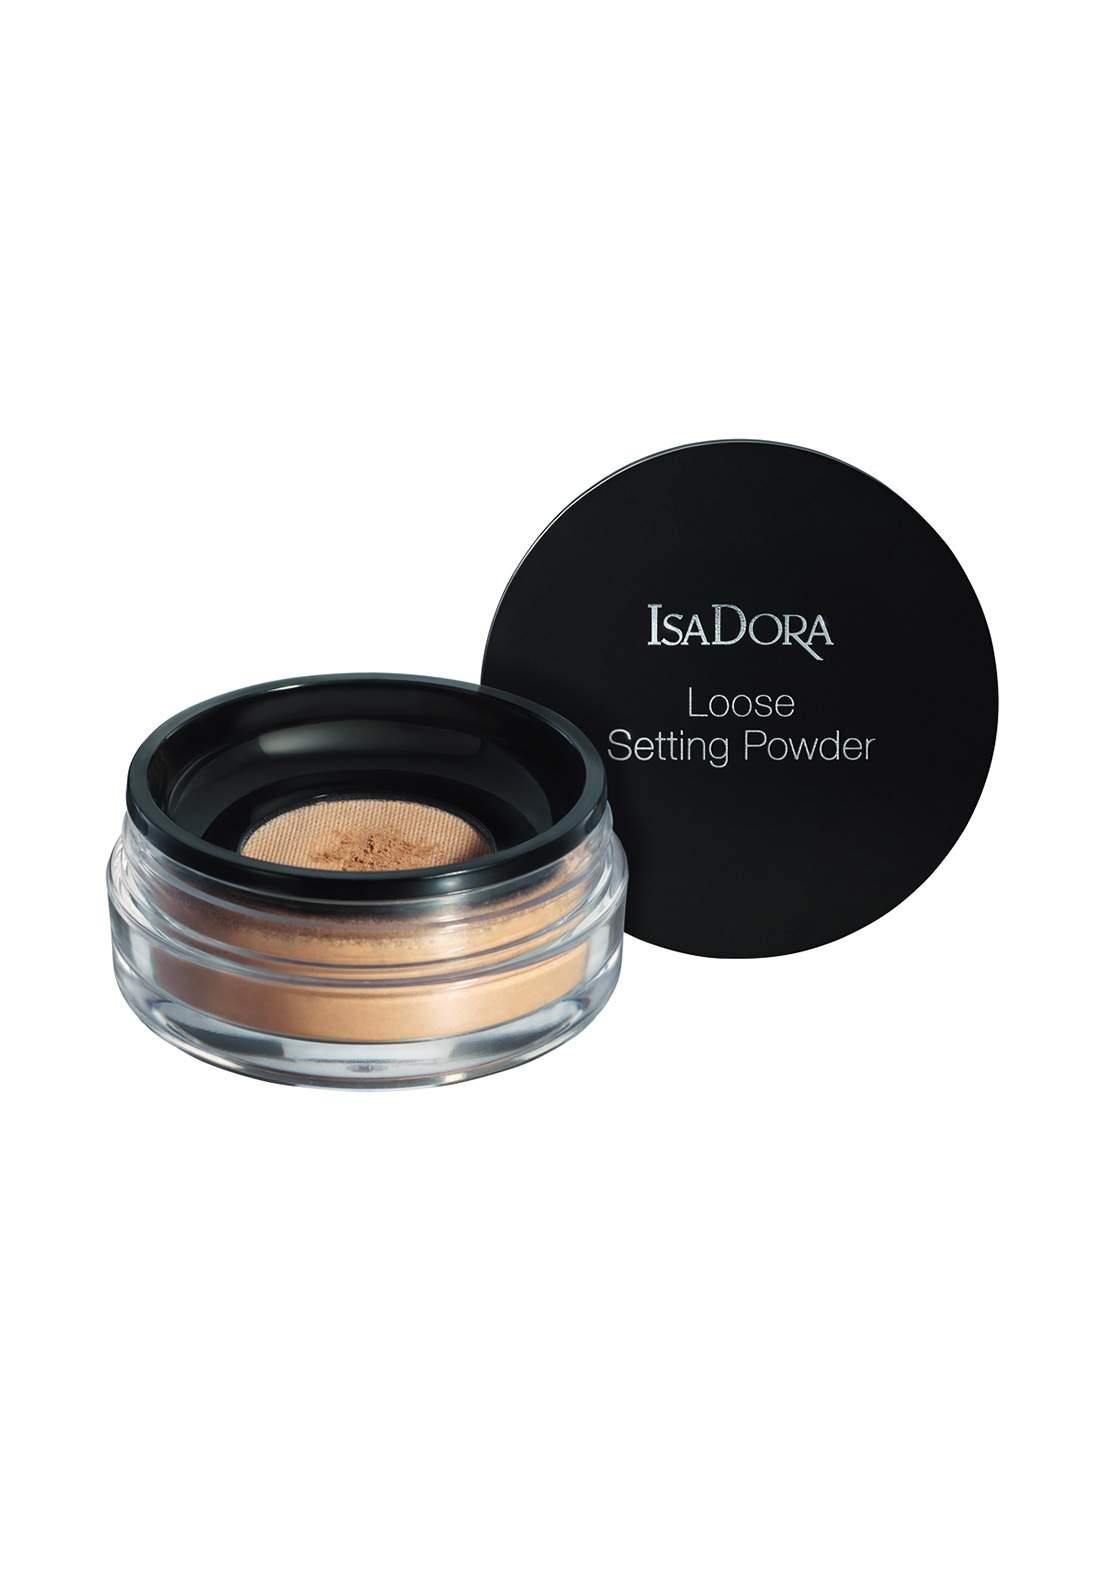 IsaDora 316546 Loose Setting Powder Medium No.05 بودرة تثبيت سائبة